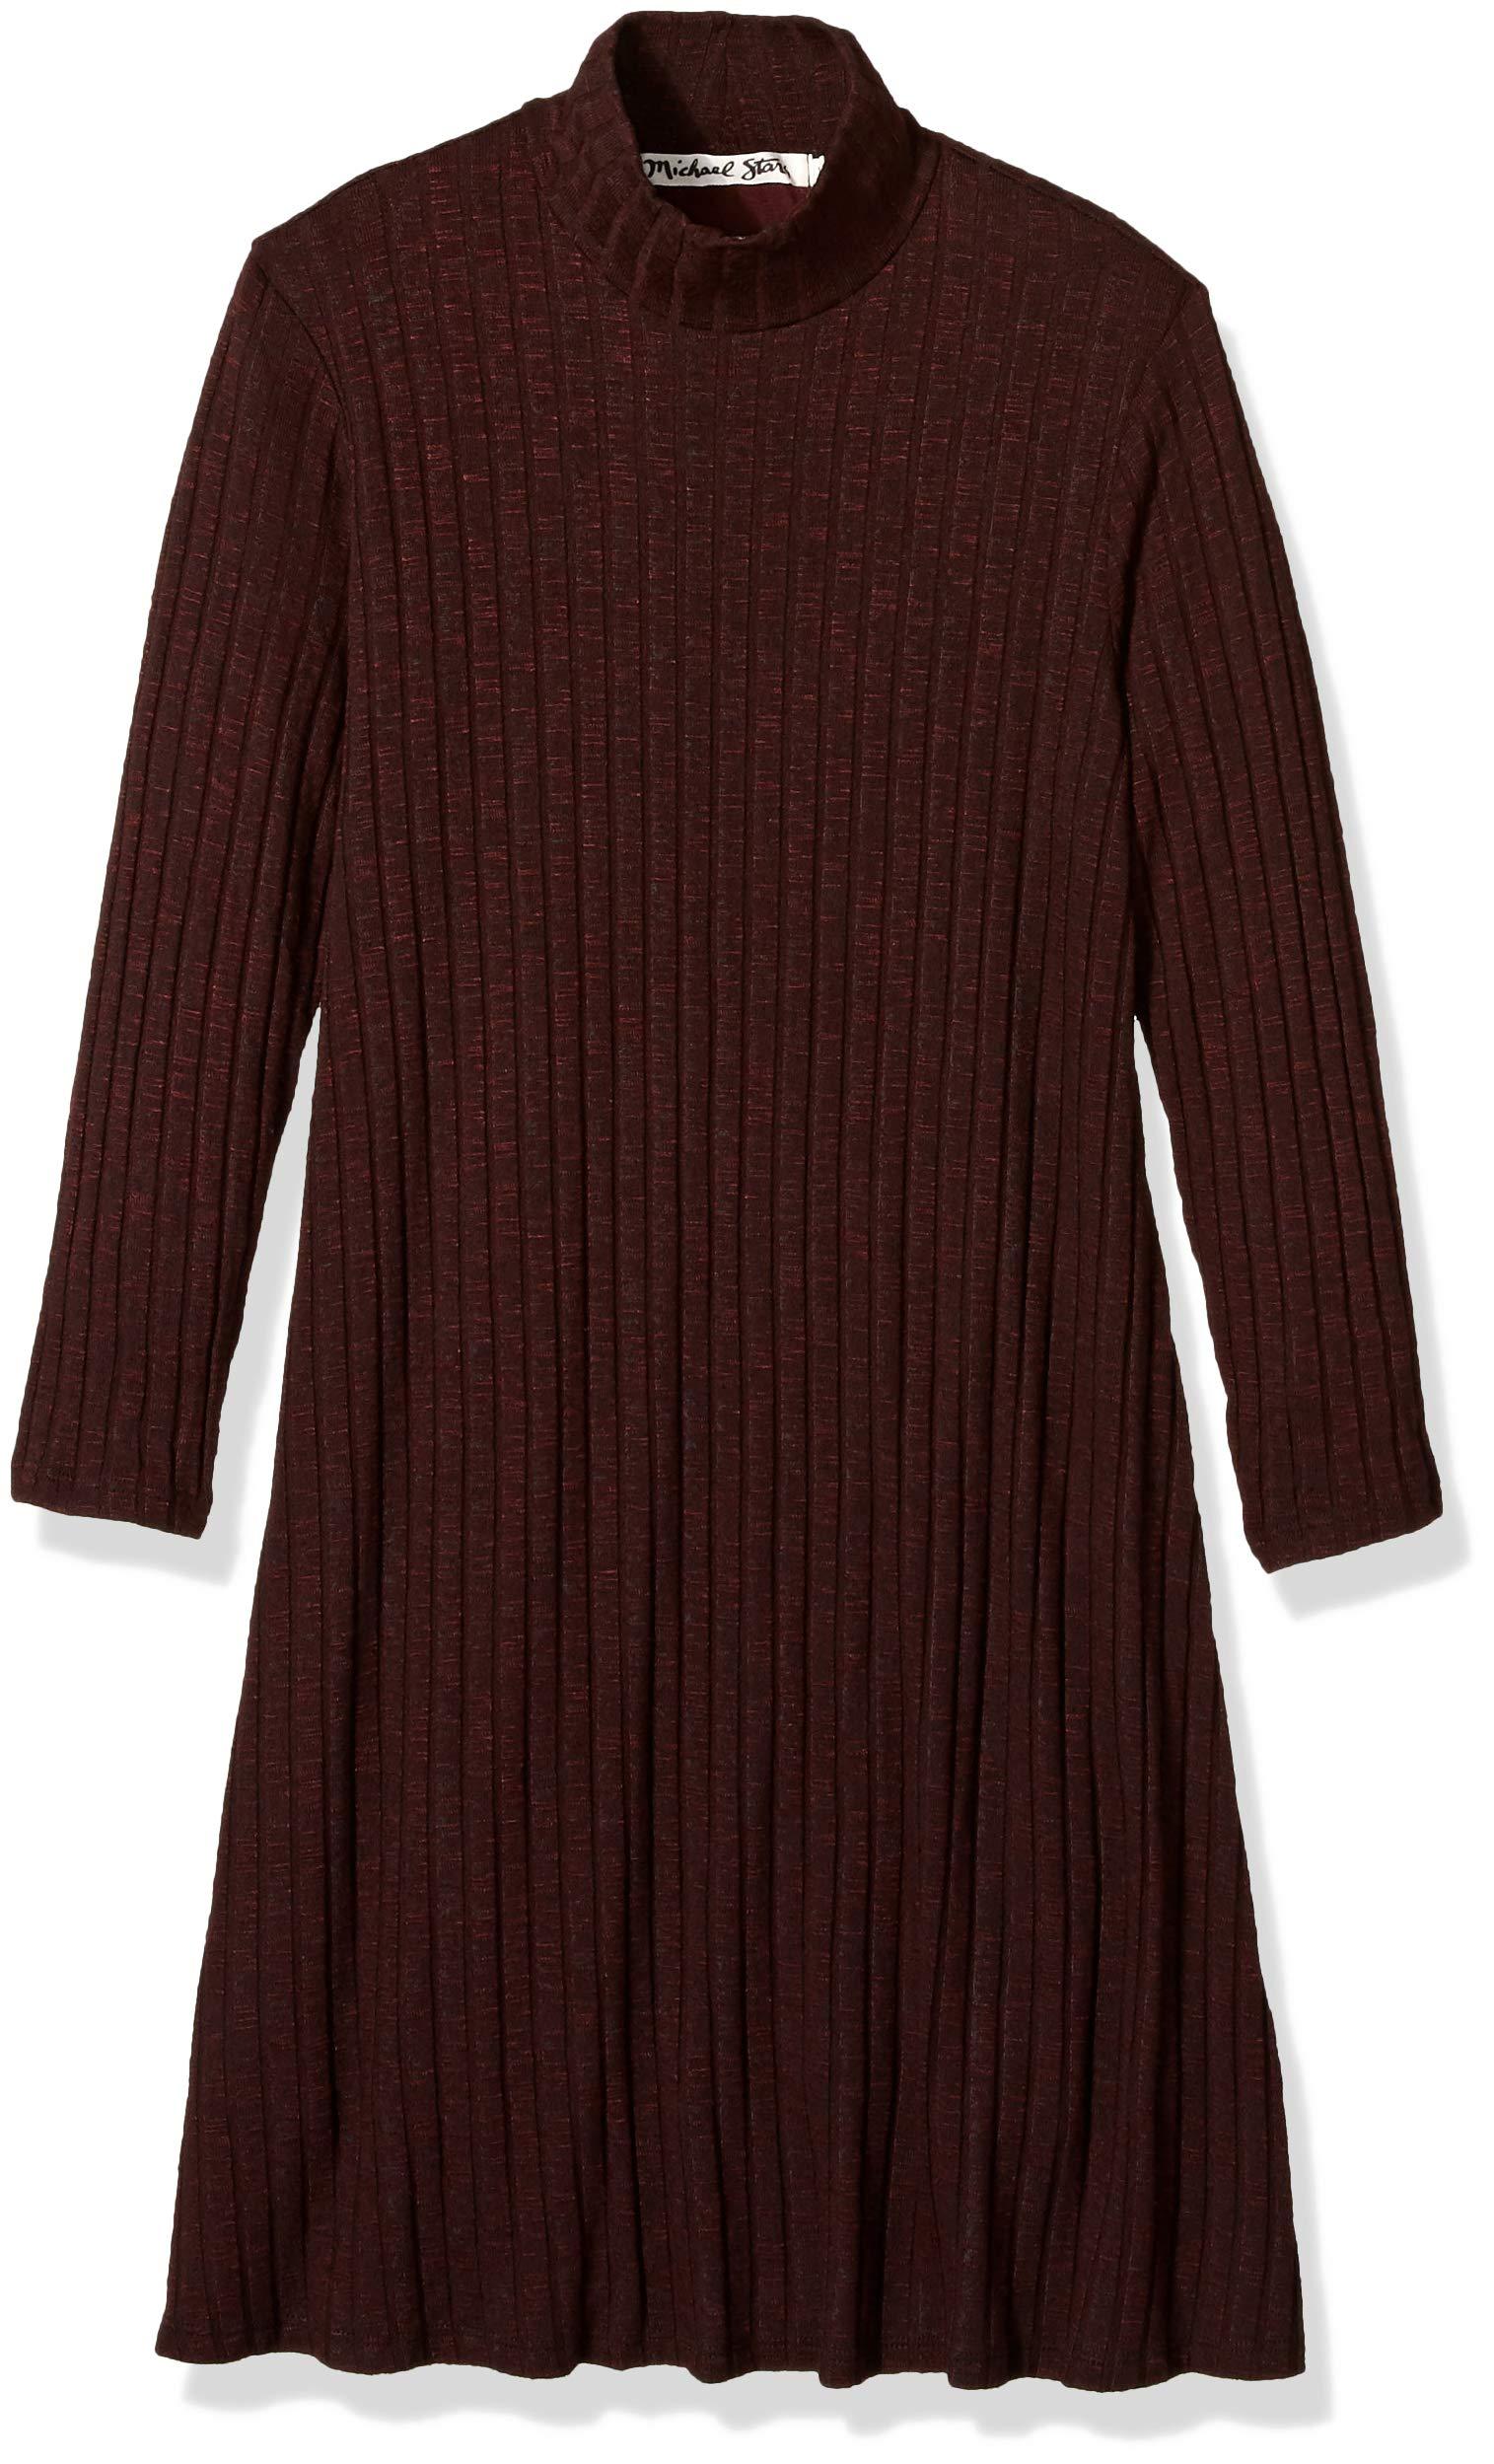 Michael Stars Women's Jasper Poorboy 3/4 Sleeve Mock Neck Swing Dress, Bourbon, XS